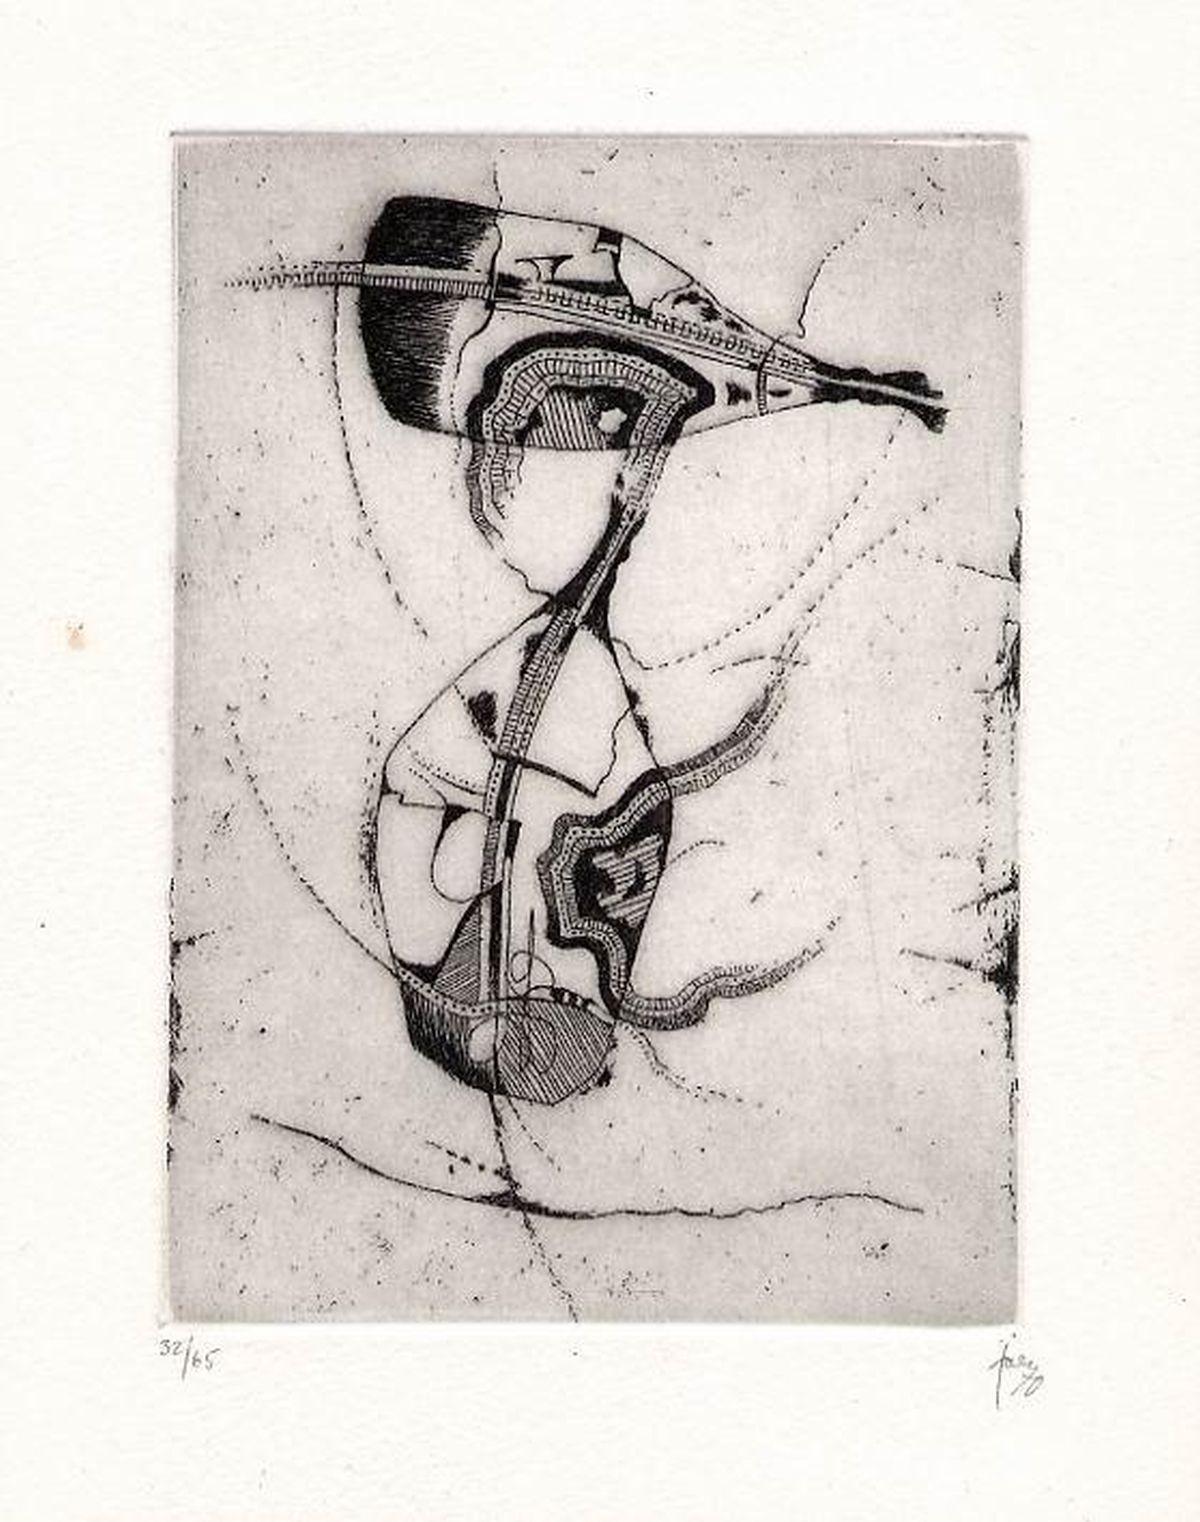 Hans Jaenisch - HANDSIGNIERTE OriginalRadierung 1971 zur JAENISCH Monographie in VERLAG NIGGLI 32/65 kopen? Bied vanaf 120!